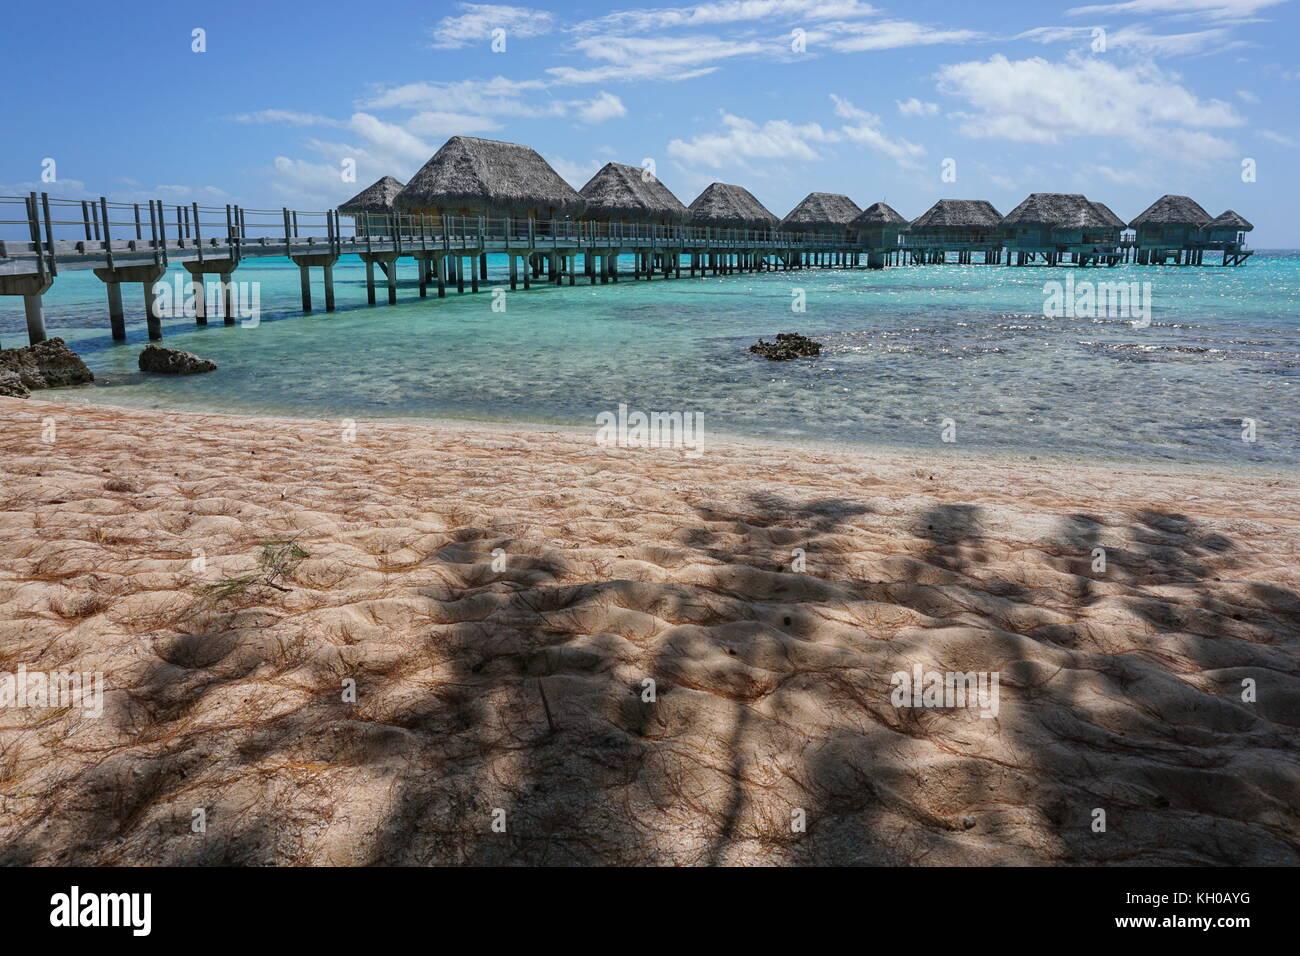 Laguna tropicale con bungalow Overwater di un resort visto da una spiaggia di sabbia con ombra di alberi, tikehau, Immagini Stock